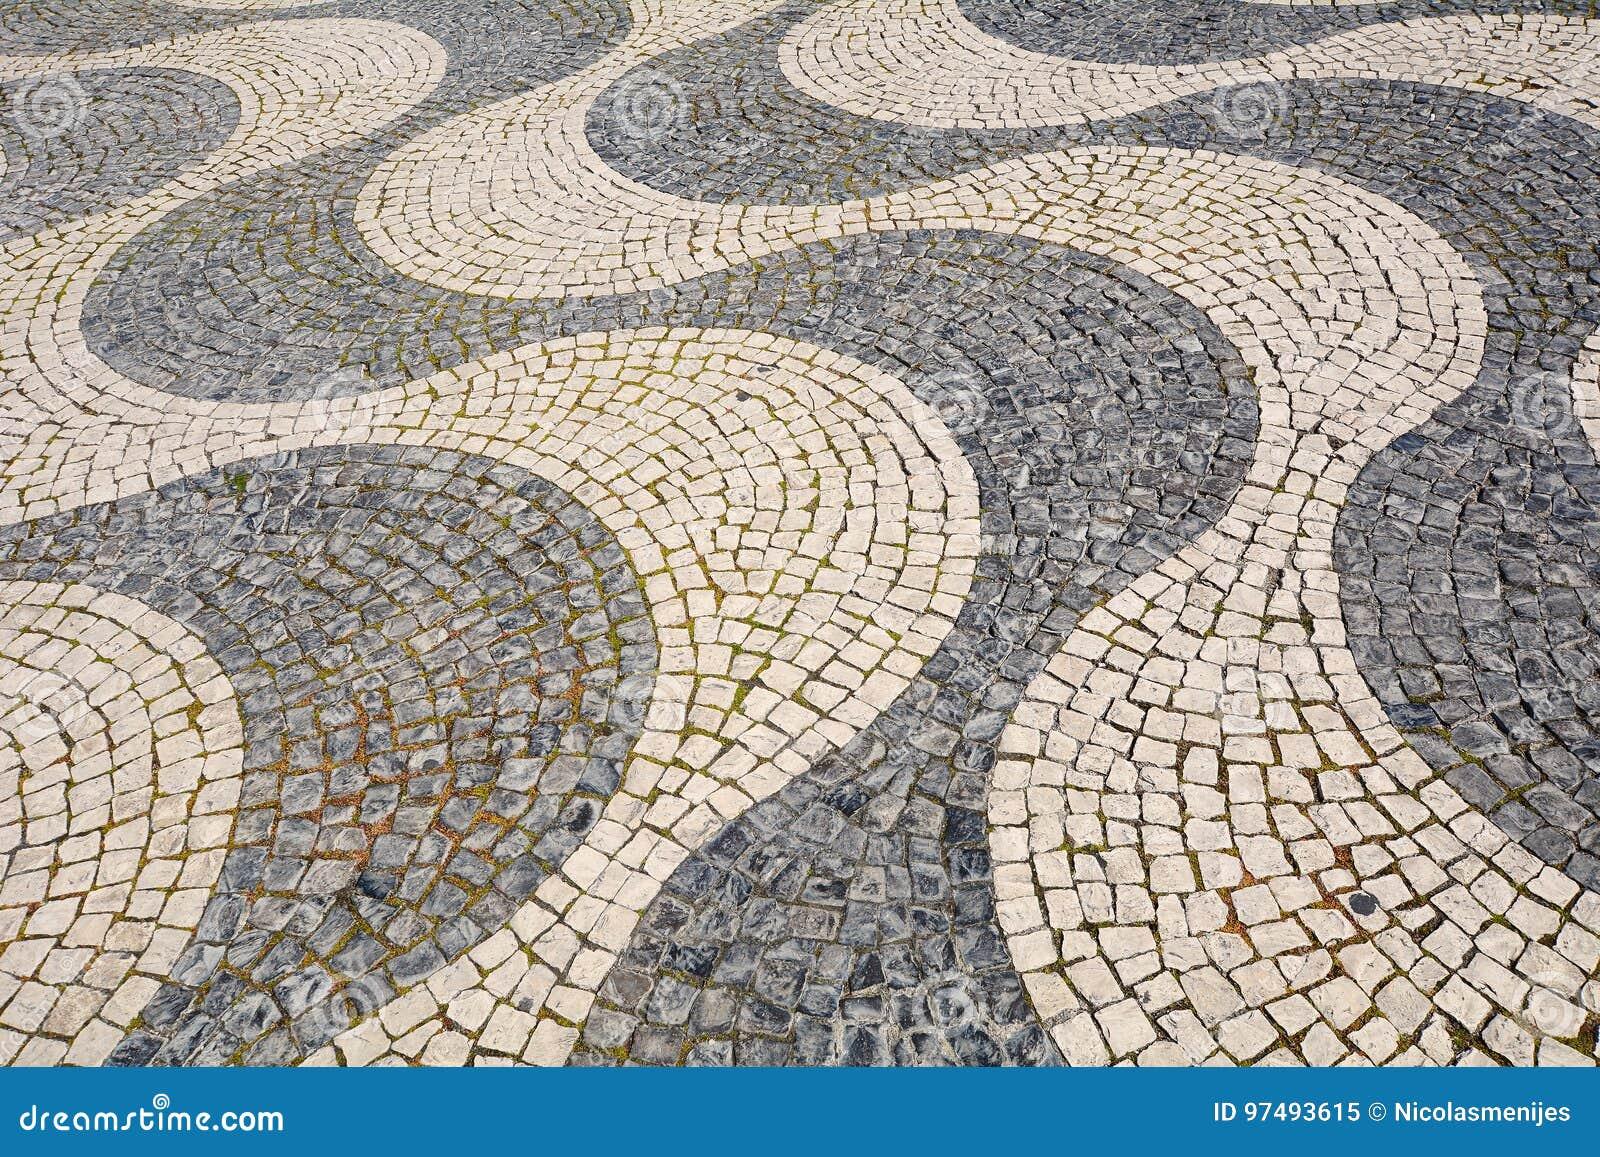 Dettaglio di una pavimentazione del ciottolo - Lisbona, Portogallo